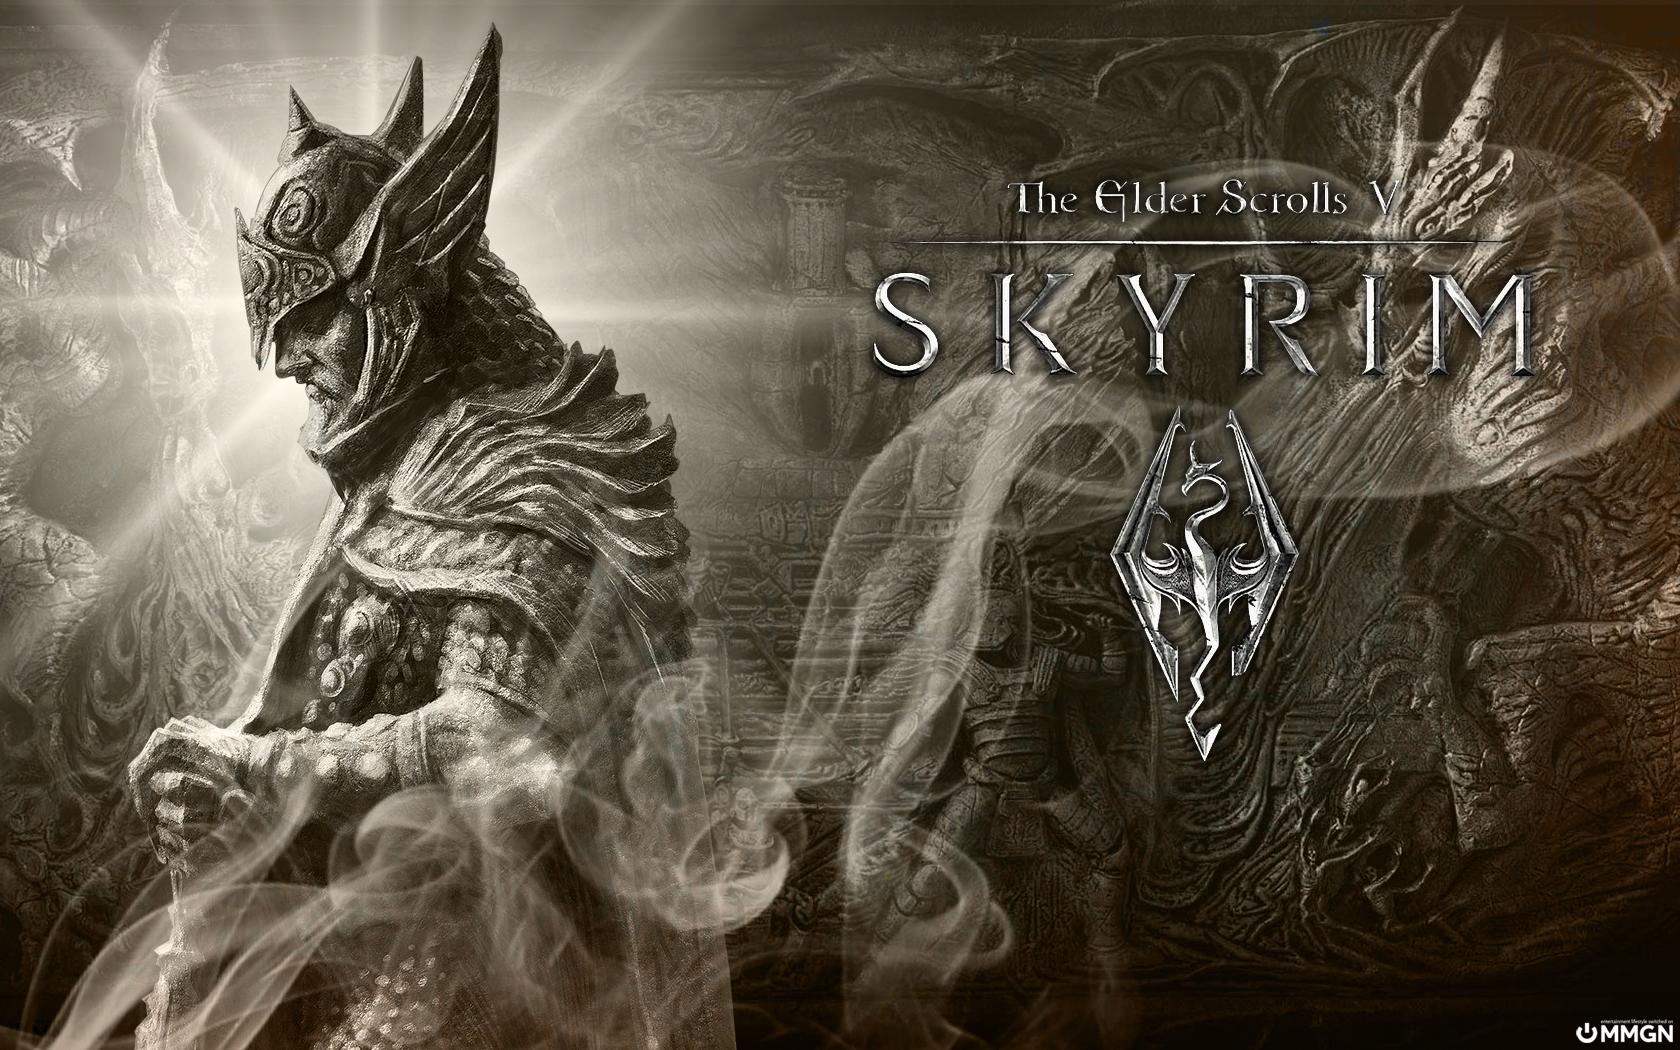 The Elder Scrolls V Skyrim Wallpaper and Background Image